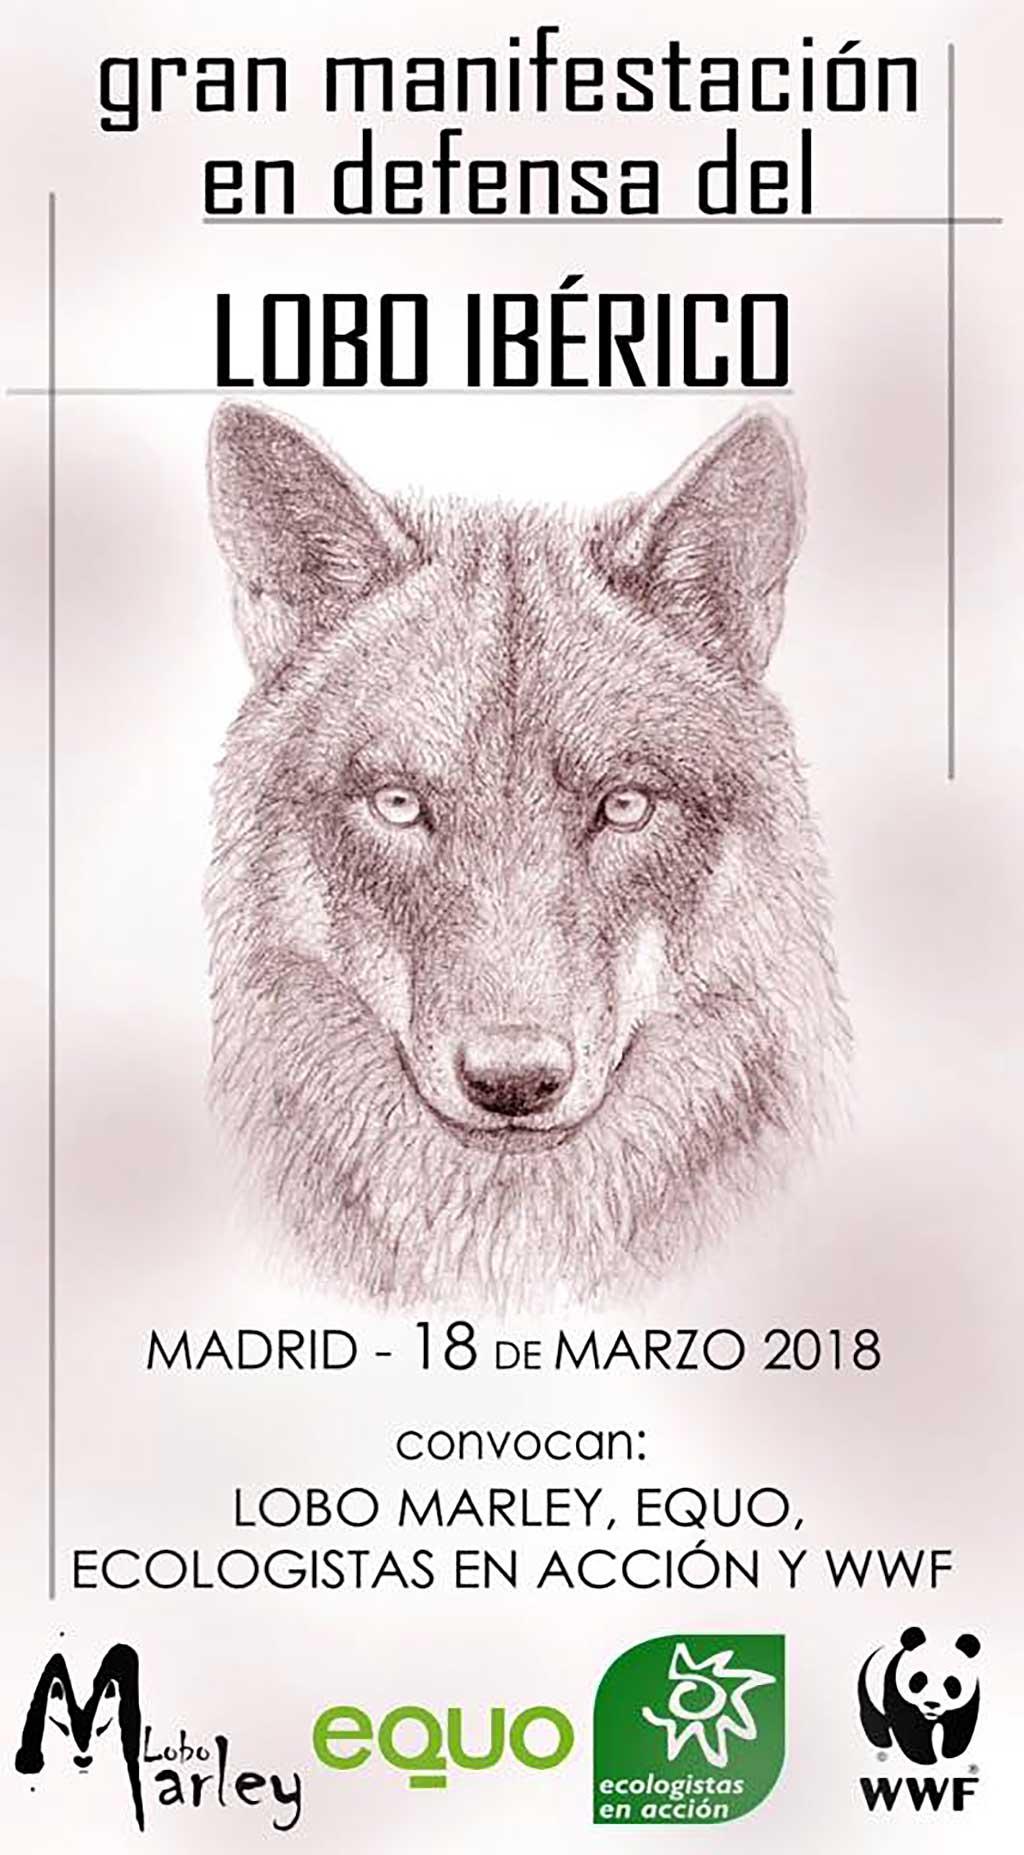 Manifestación en defensa del lobo ibérico en Madrid